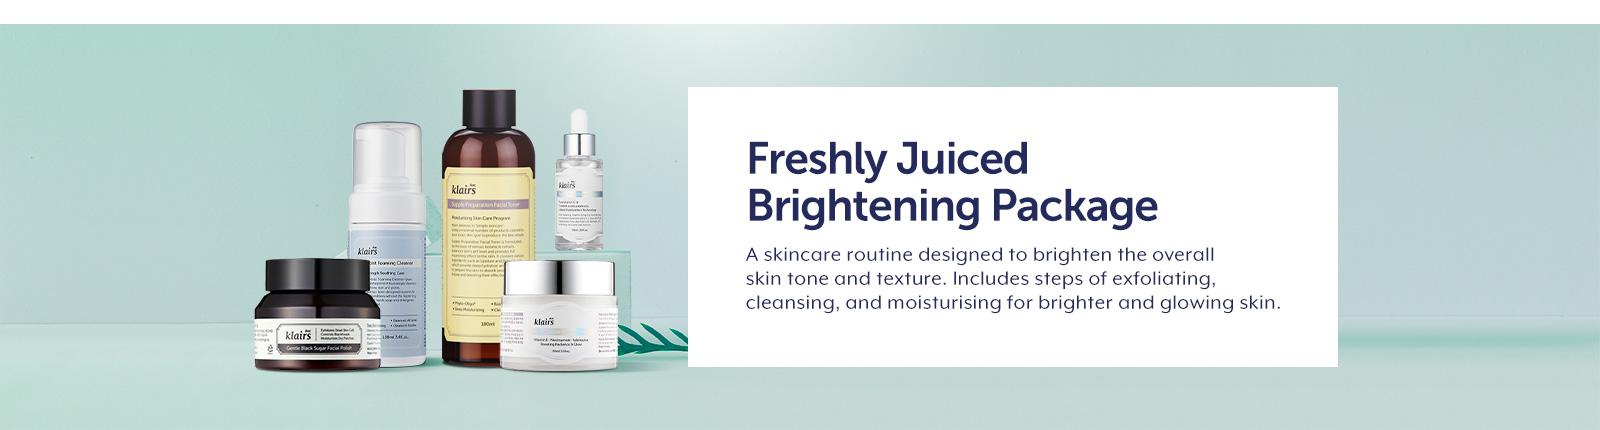 Klairs Freshly Juiced Brightening Package